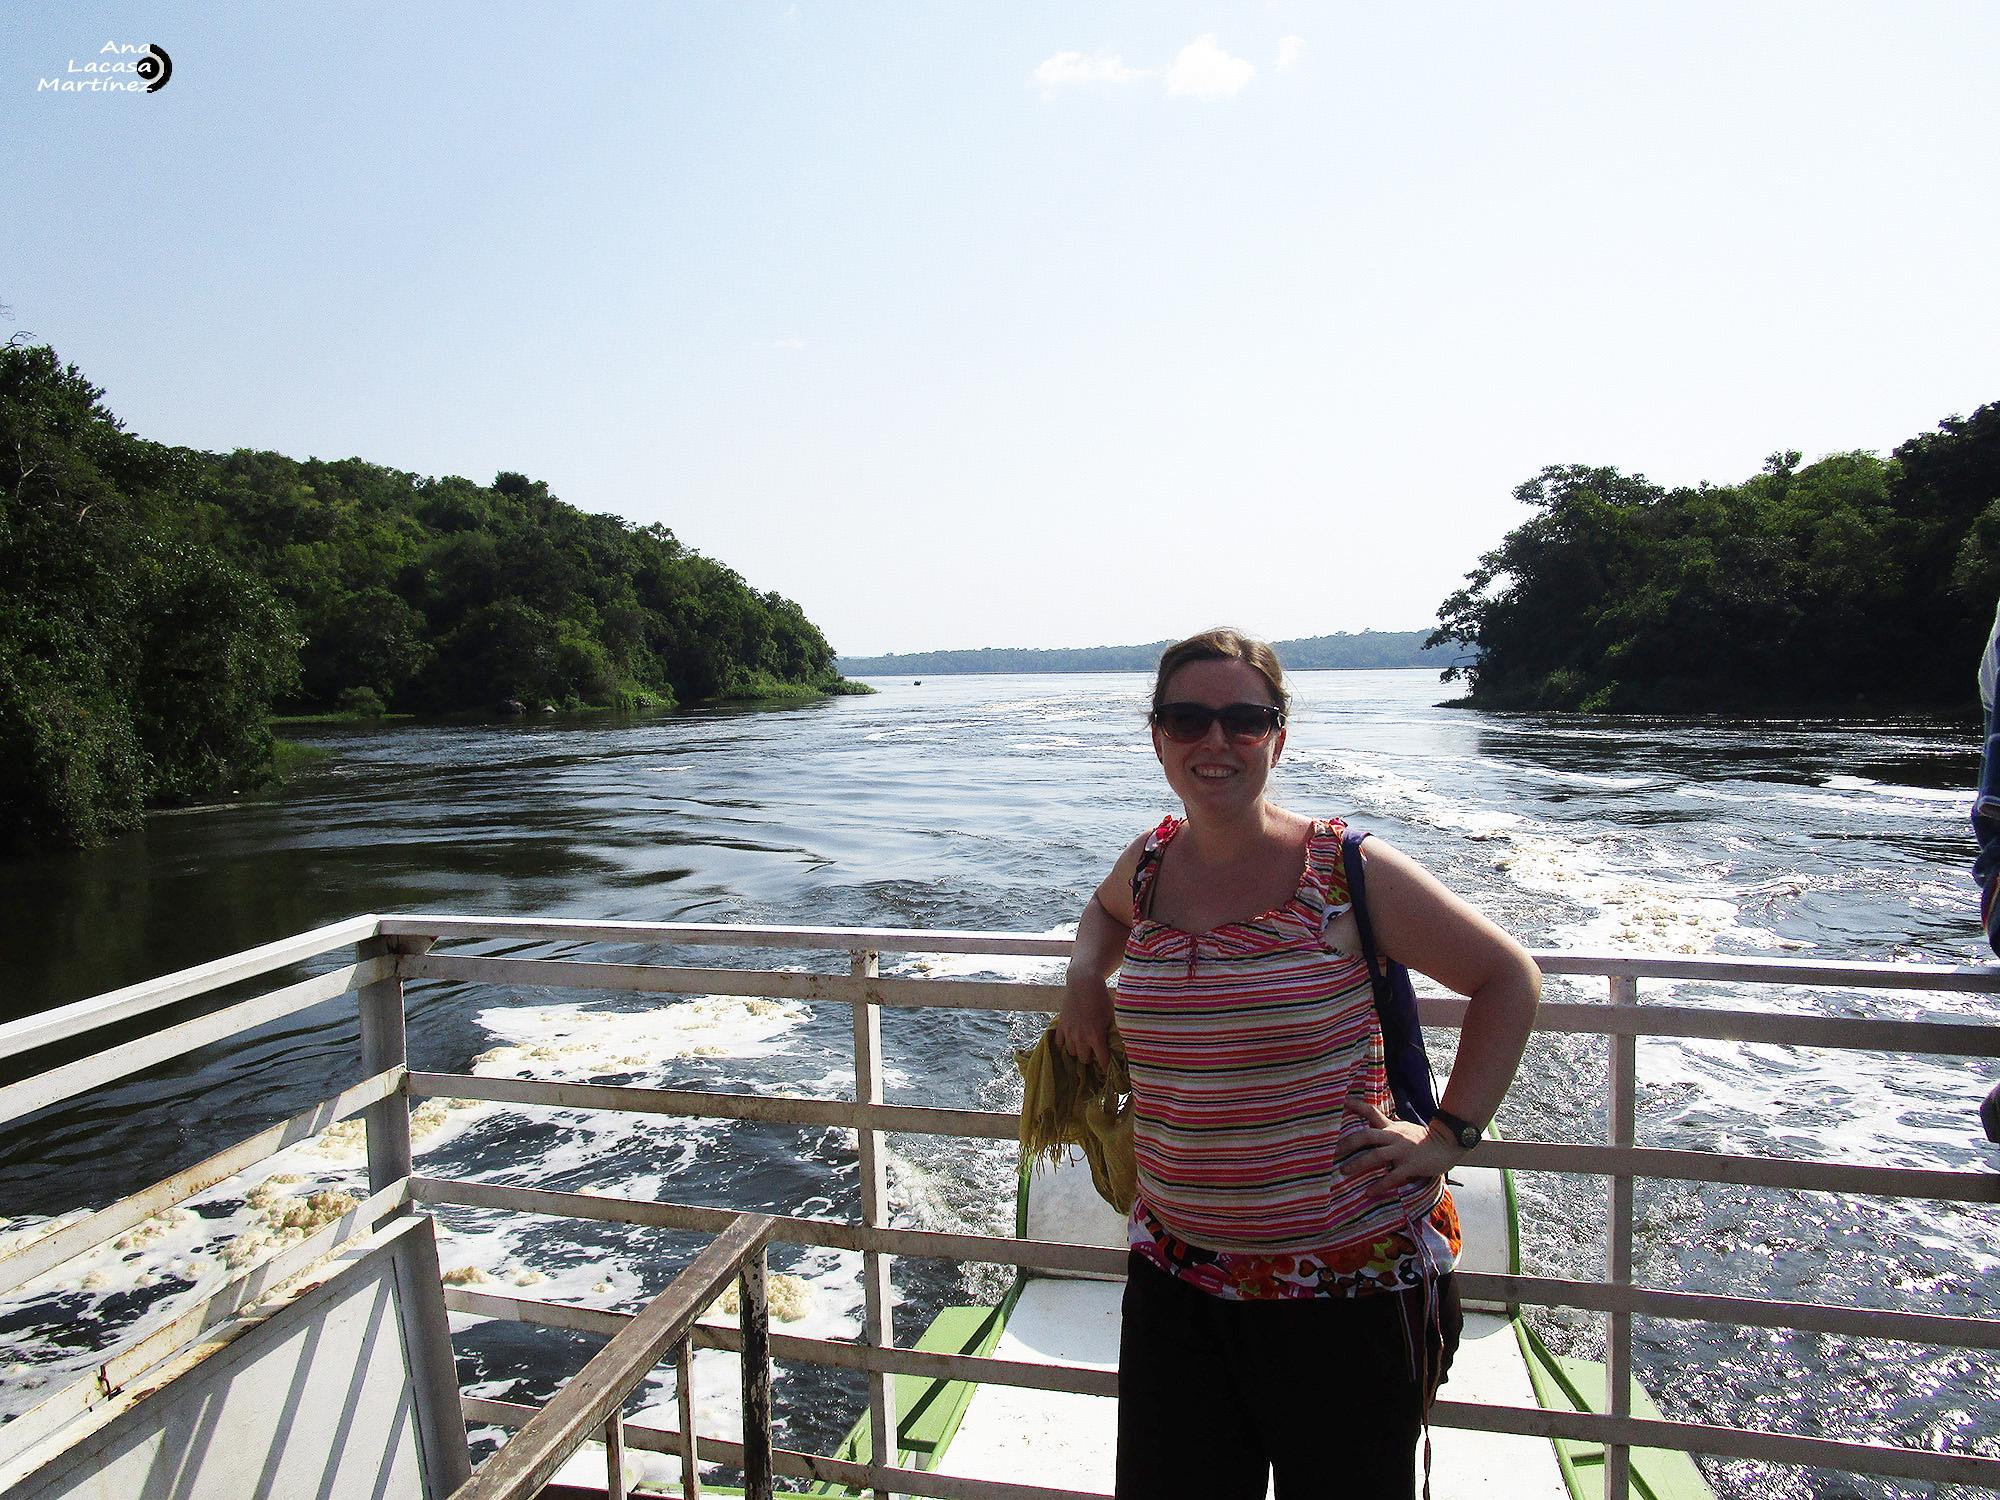 La bloguera Ana Lacasa Martínez, en Uganda